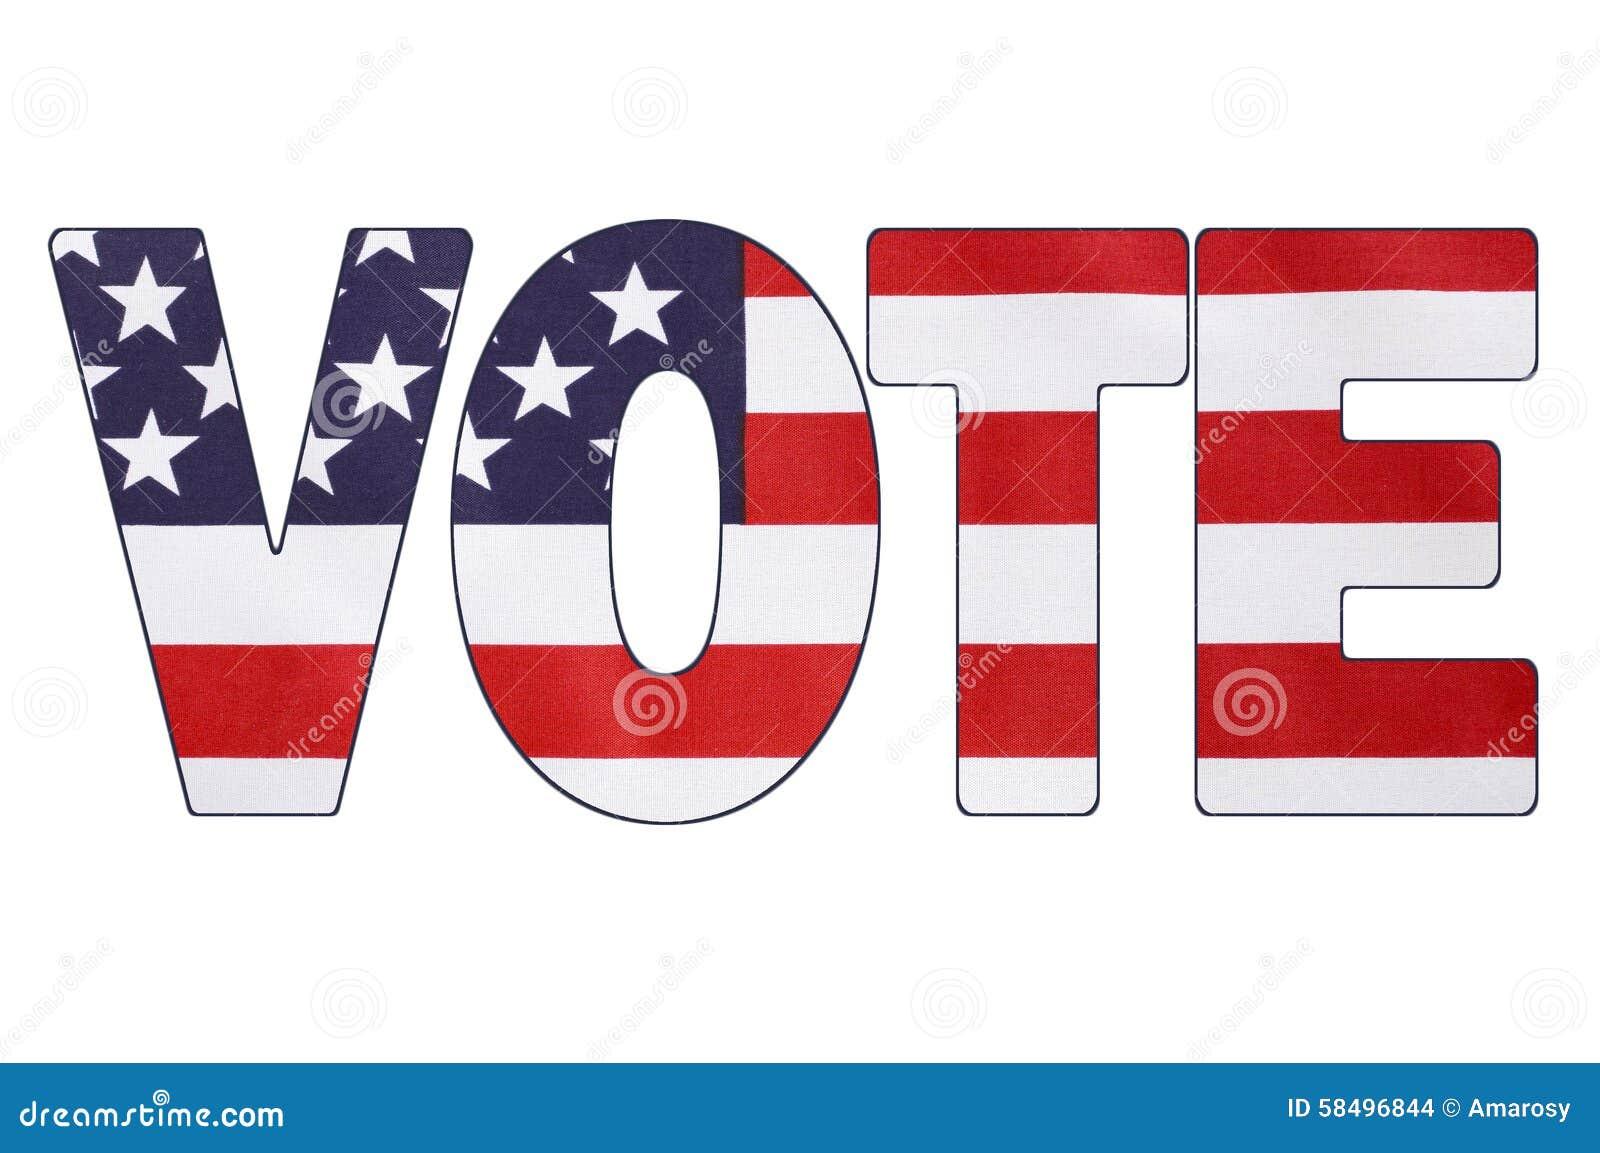 usa 2016 presidential election flag stock photo